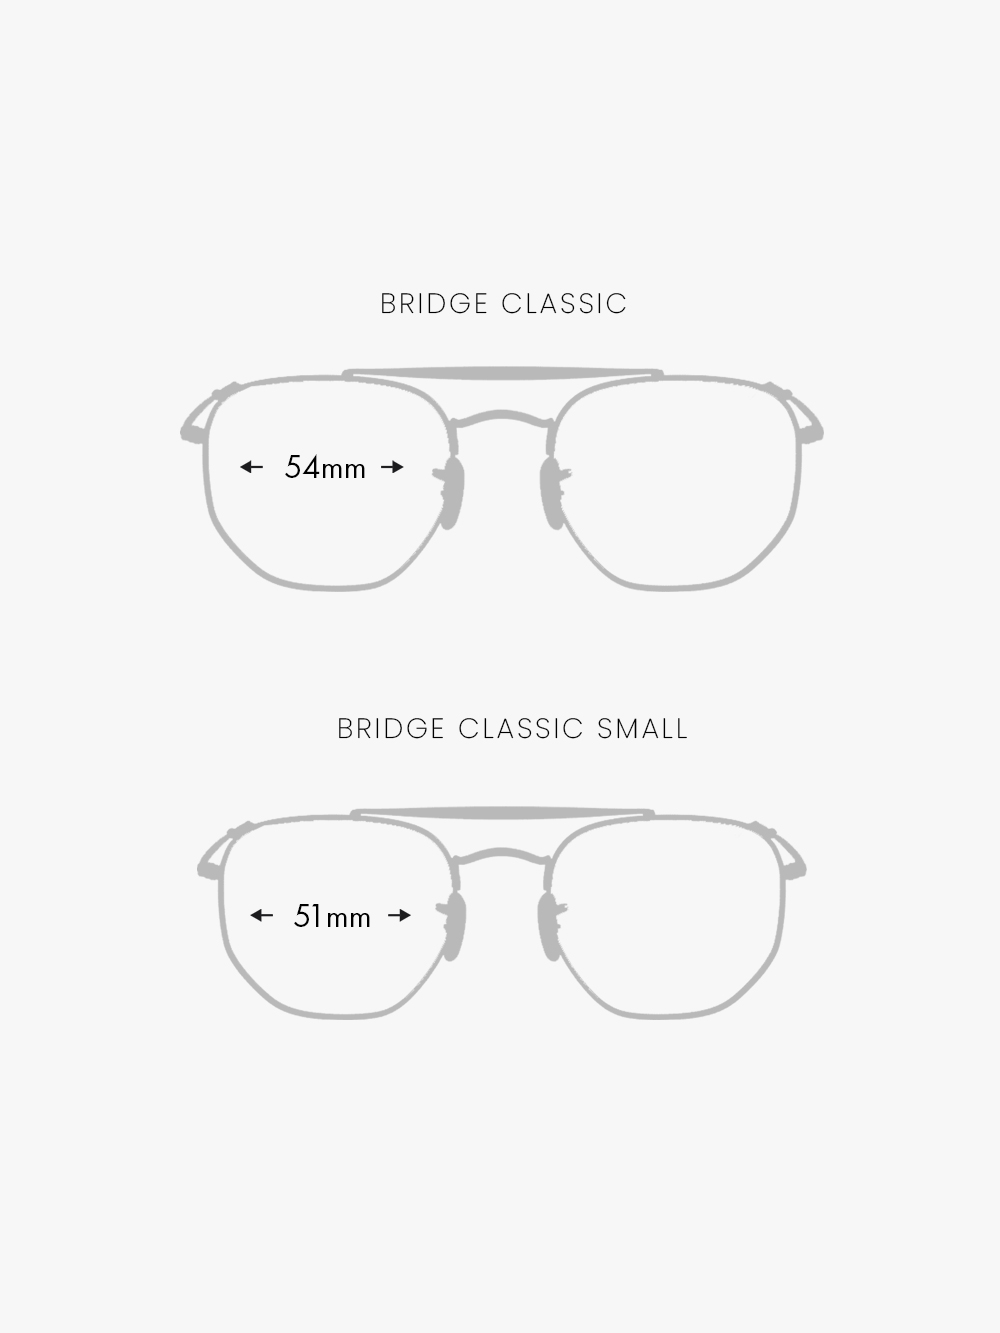 bridge-classic-sizes